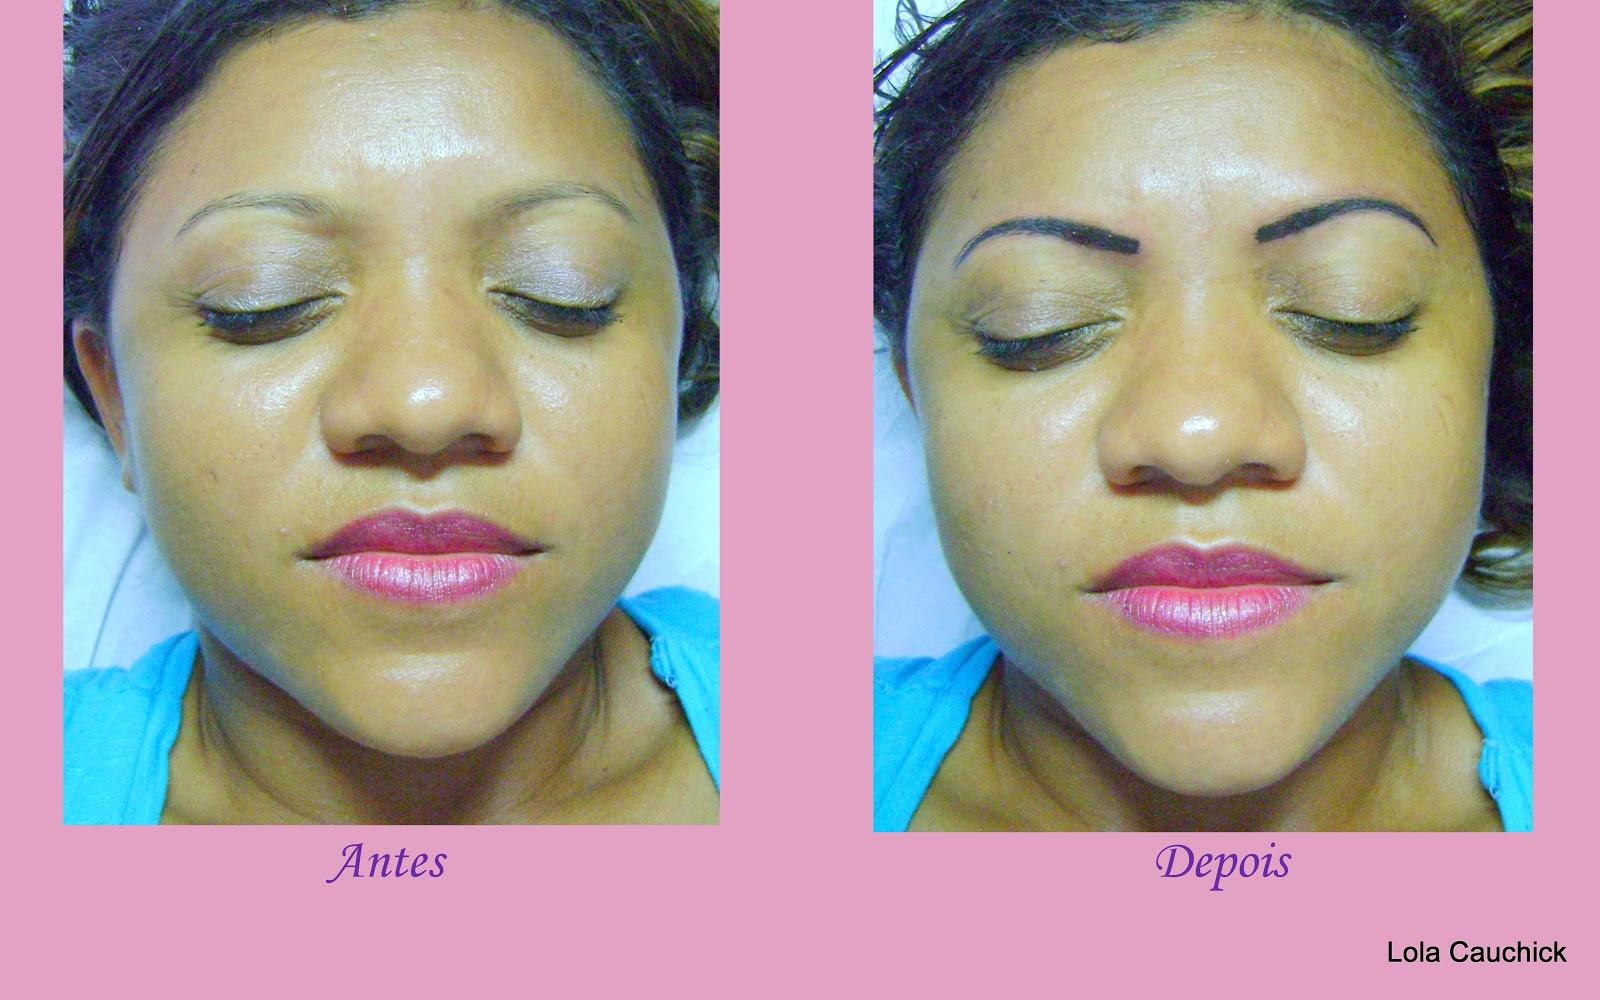 http://3.bp.blogspot.com/-5DGrdSvM1a4/T7VToNiE0GI/AAAAAAAAEL8/rUfItocViTE/s1600/tattoo5.jpg